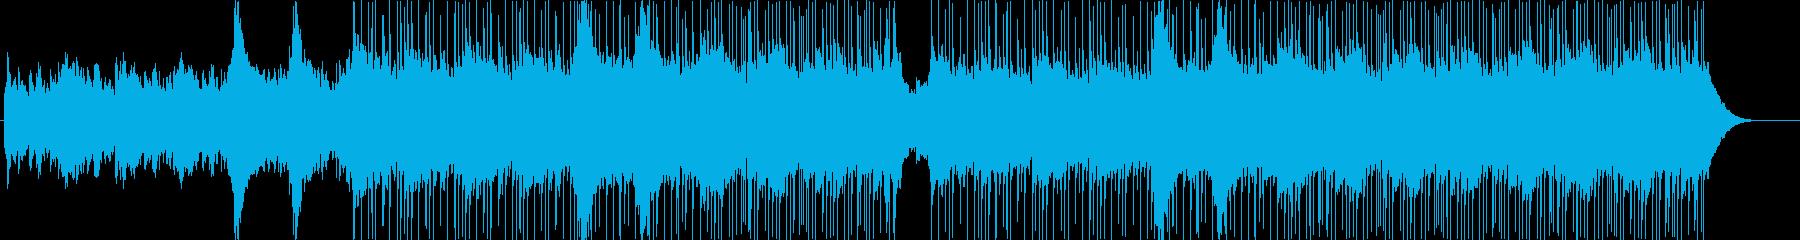 ライトロック/一般ロック/インスト...の再生済みの波形